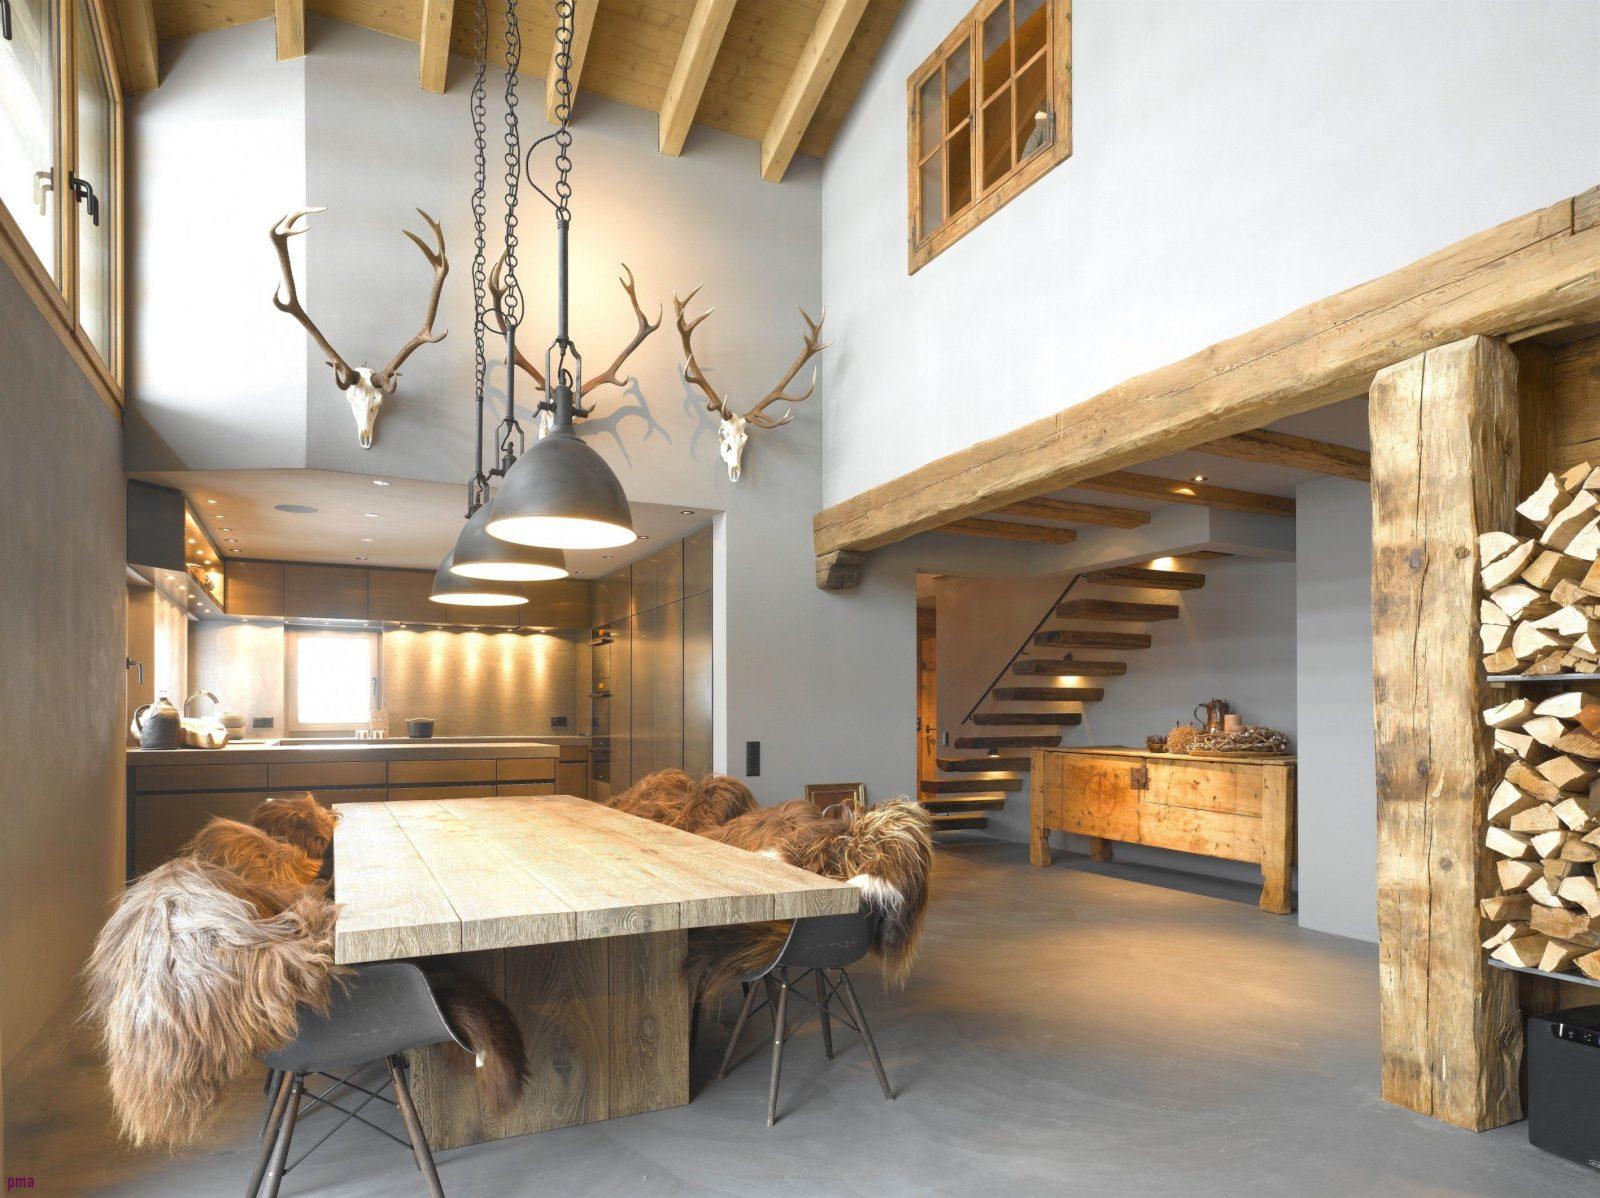 Wohnzimmer Dekoration Ideen 25 Luxus Galerie Betreffend Wohnzimmer von Deko Ideen Mit Holz Bild